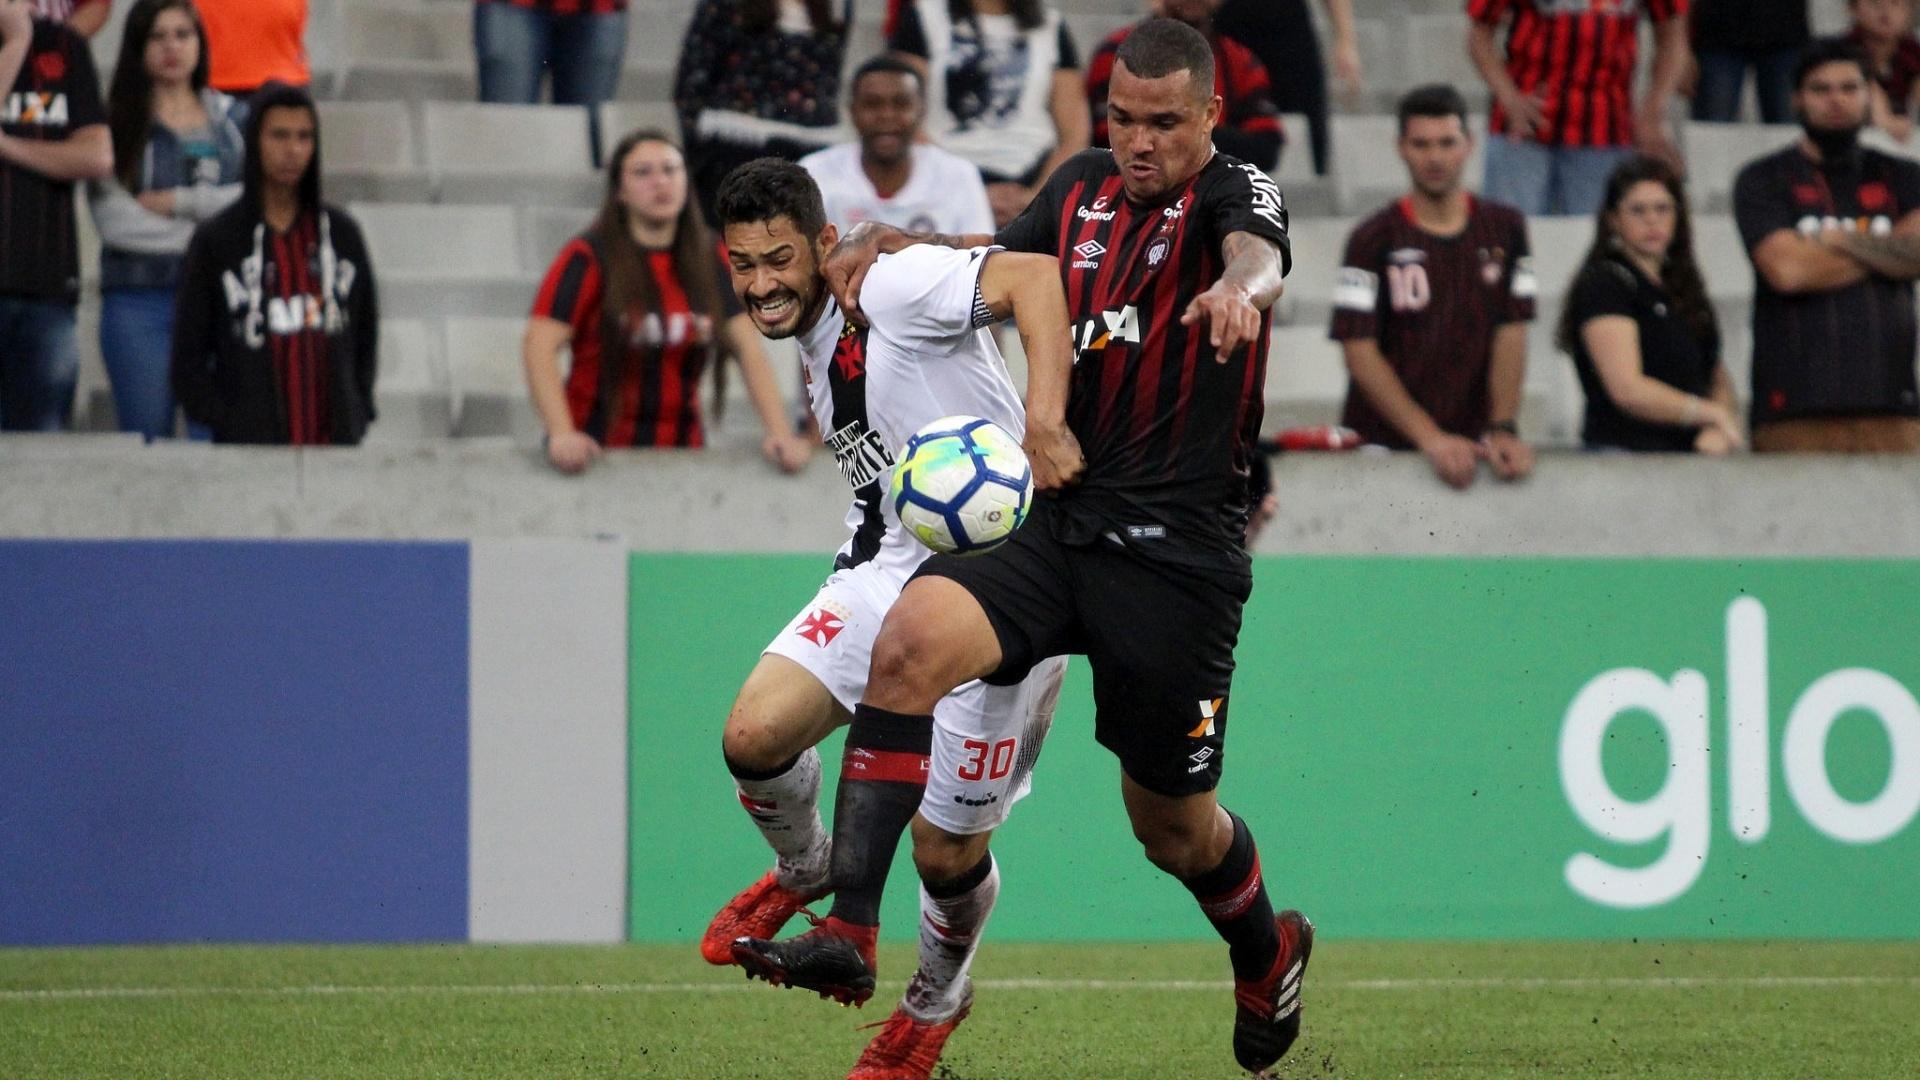 Jogadores de Atlético-PR e Vasco disputam bola em partida do Brasileirão